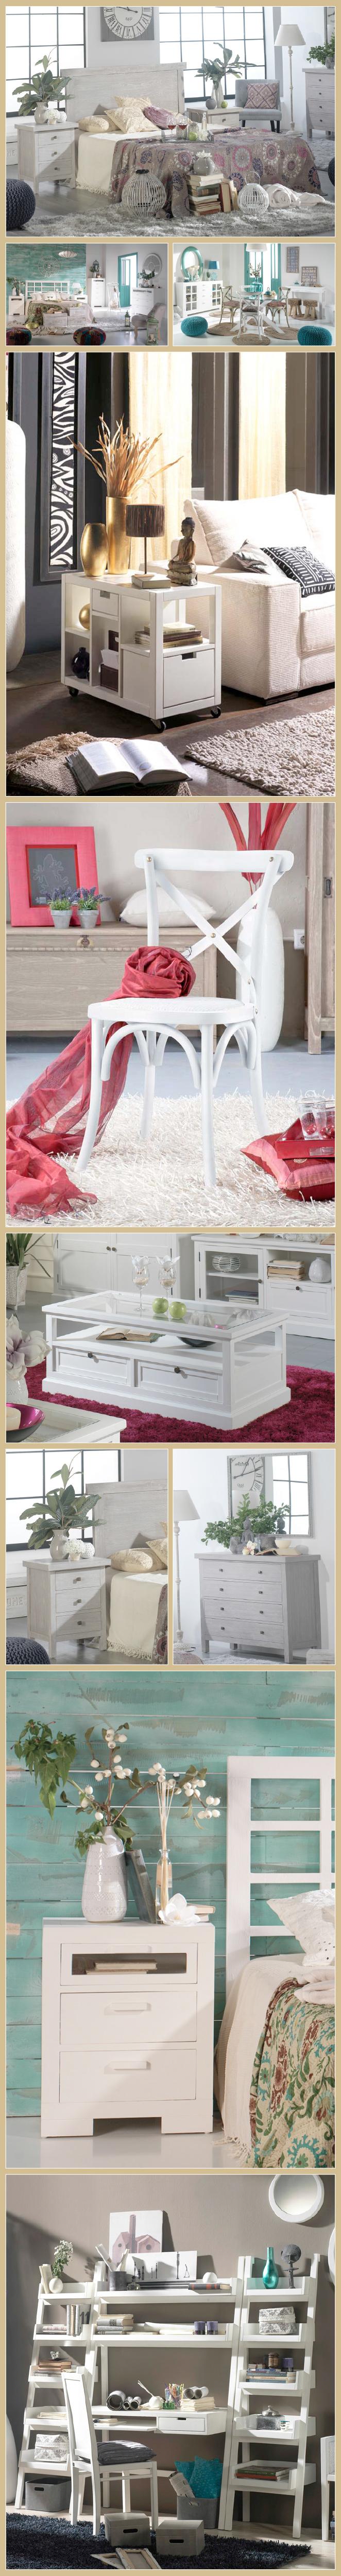 piezas en acabado en color piedra o blanco para completar vuestro dormitorio, salón o espacio de trabajo con un aire muy romántico